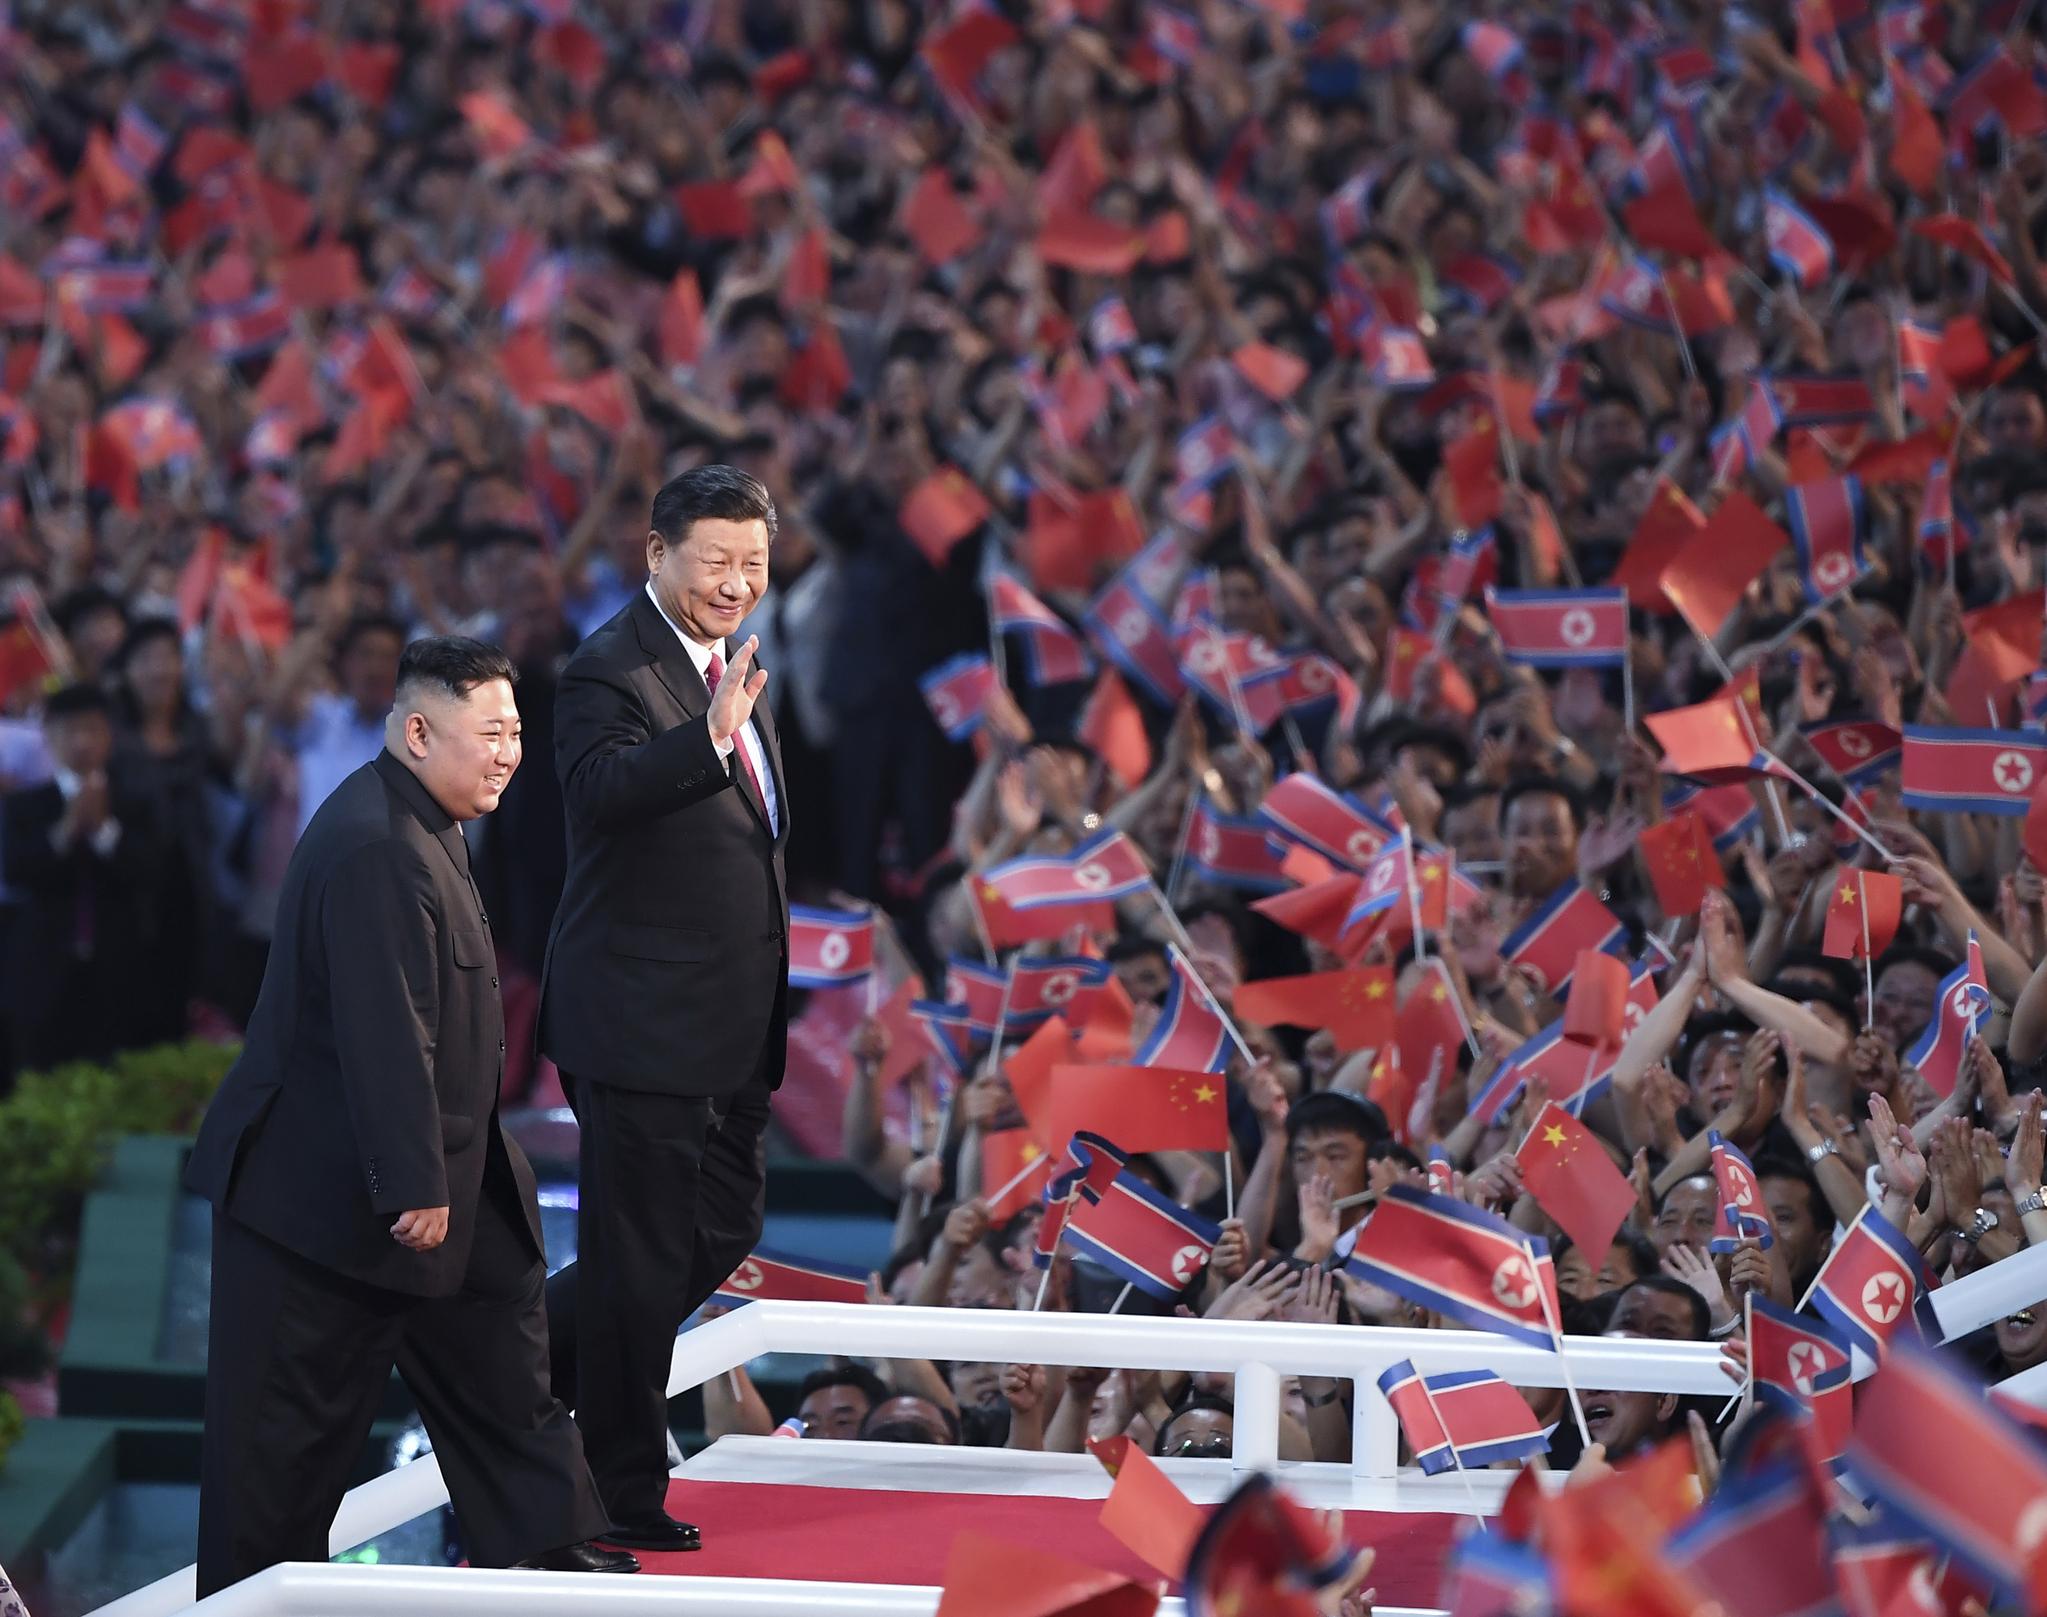 시진핑 중국 국가주석이 20일 저녁 김정은 북한 국무위원장과 평양 5.1경기장에 들어서고 있다. 10만 평양 시민이 북한과 중국 국기를 흔들며 시주석을 맞이하고 있다. [AP=연합뉴스]